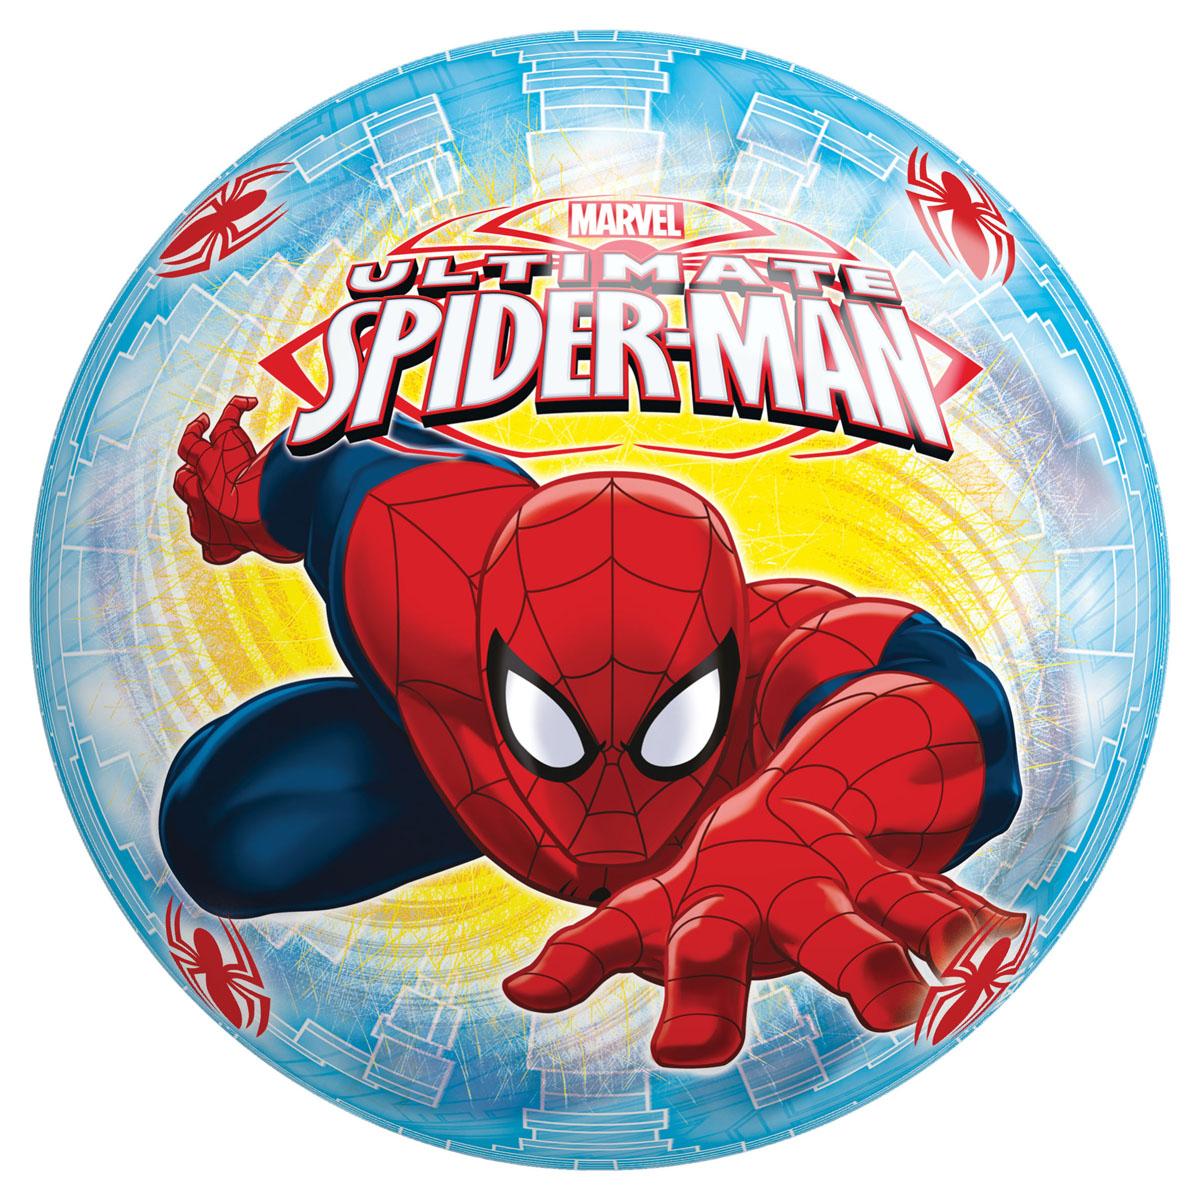 Мяч John Человек-Паук, 23 см54307\50307WDЯркий детский мяч John Человек-Паук - это игрушка для детей любого возраста. Он выполнен из ПВХ и оформлен ярким рисунком. Мяч незаменим для любителей подвижных игр и активного отдыха, подходит для игр на воде. Игры с мячом развивают координацию движений, способствуют физическому развитию ребенка.